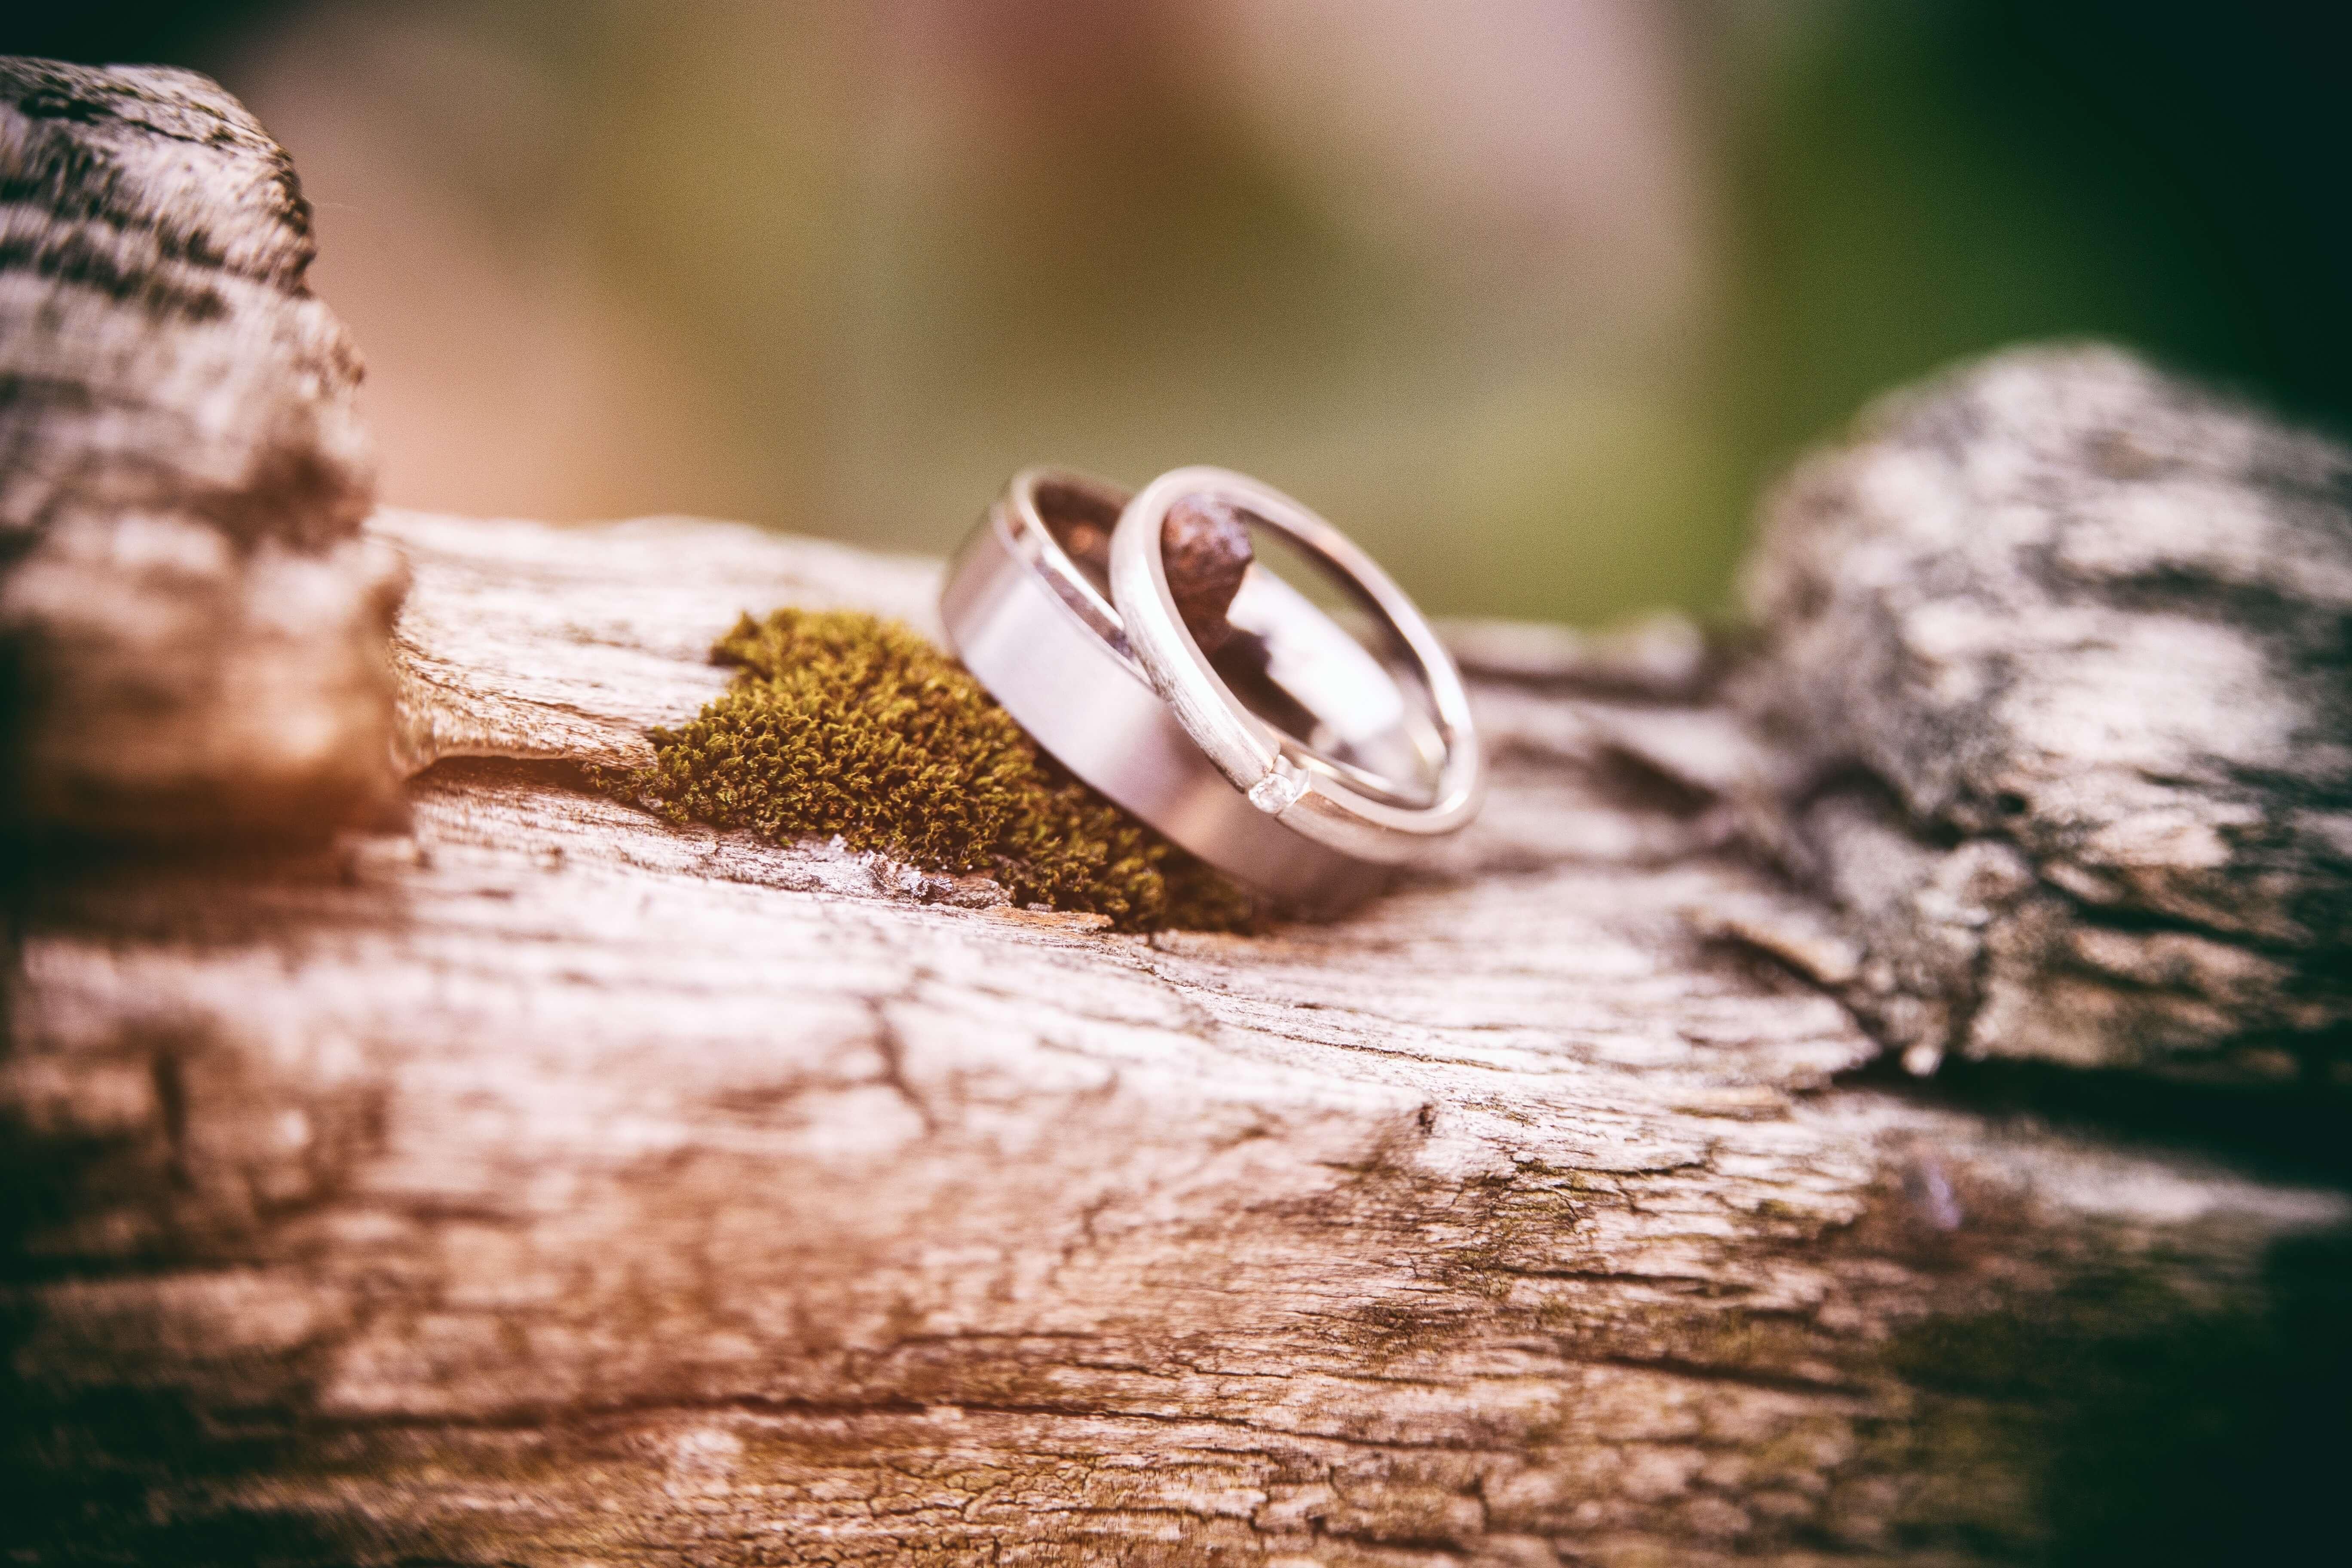 【フィリピン人と結婚】マニラで欲しい指輪がなかなか見つからなかった話【日本で買った方がいい】